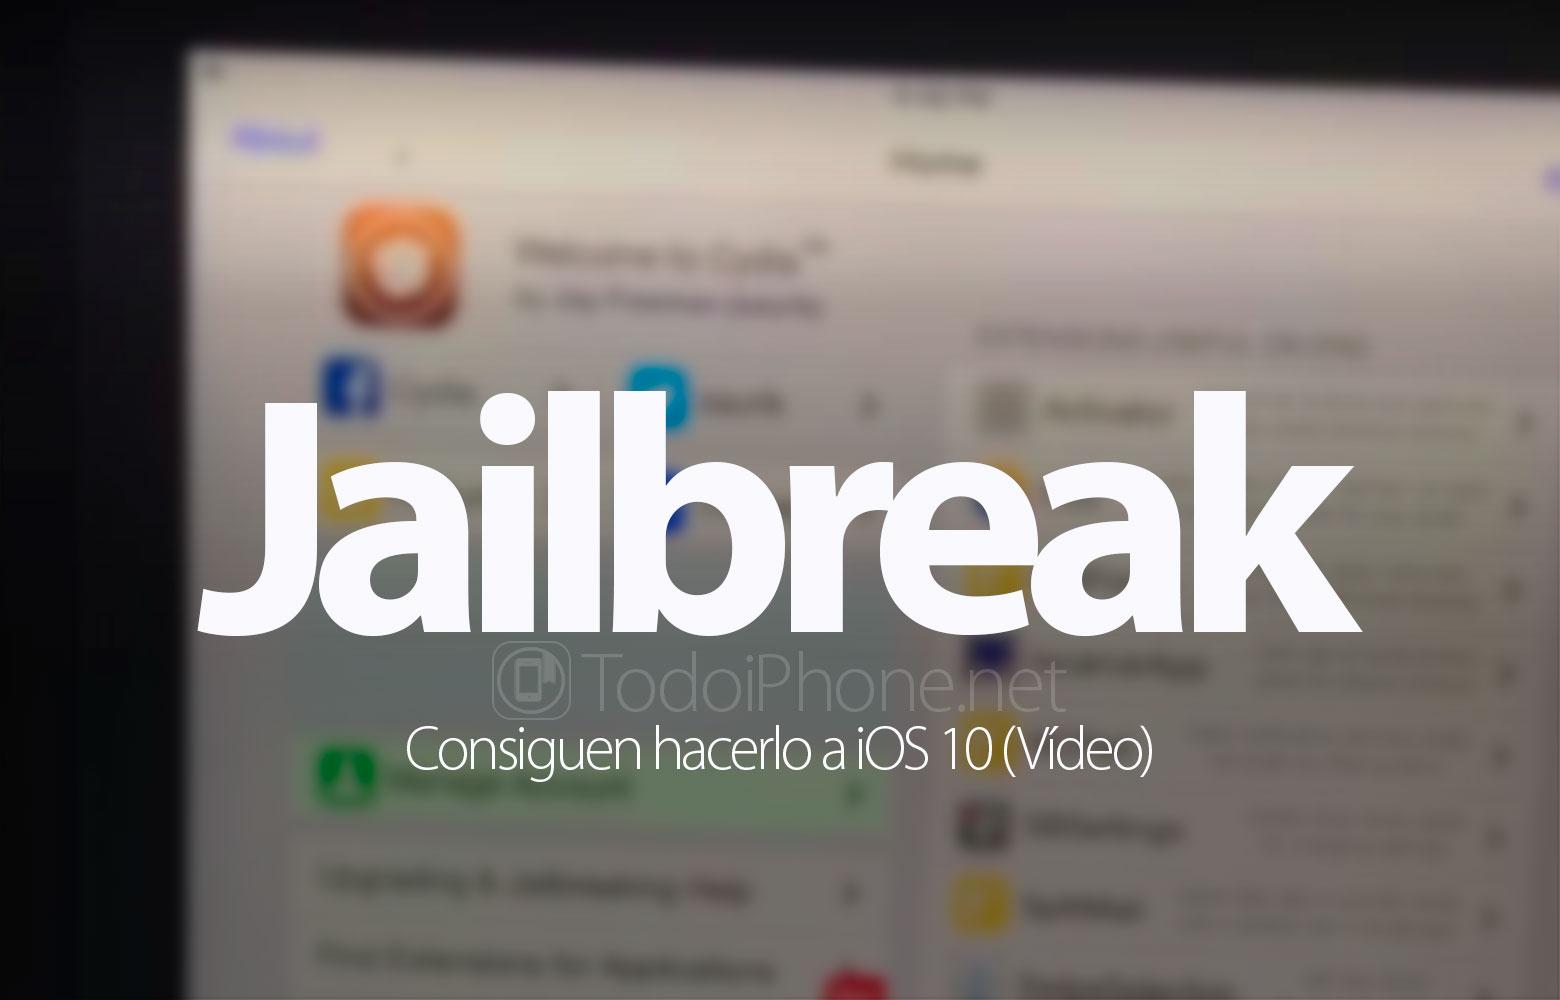 consiguen-jailbreak-ios-10